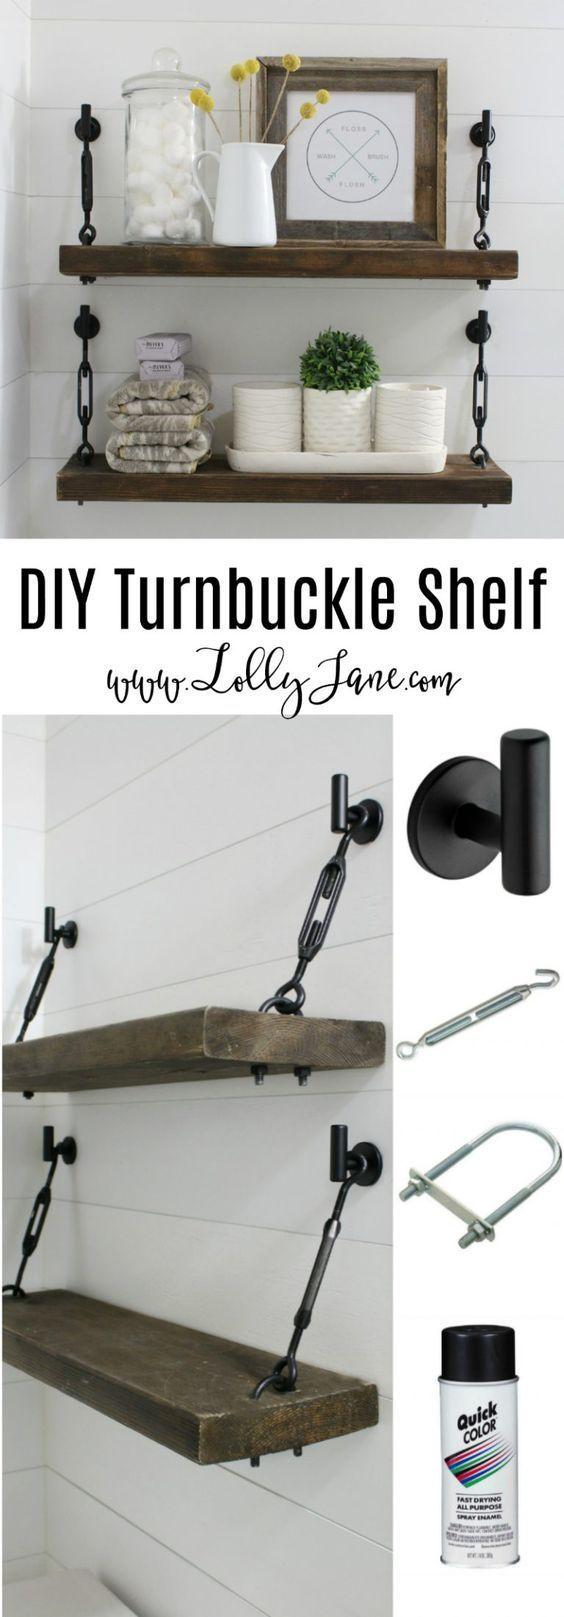 DIY Turnbuckle Shelf – A Great Bathroom Addition